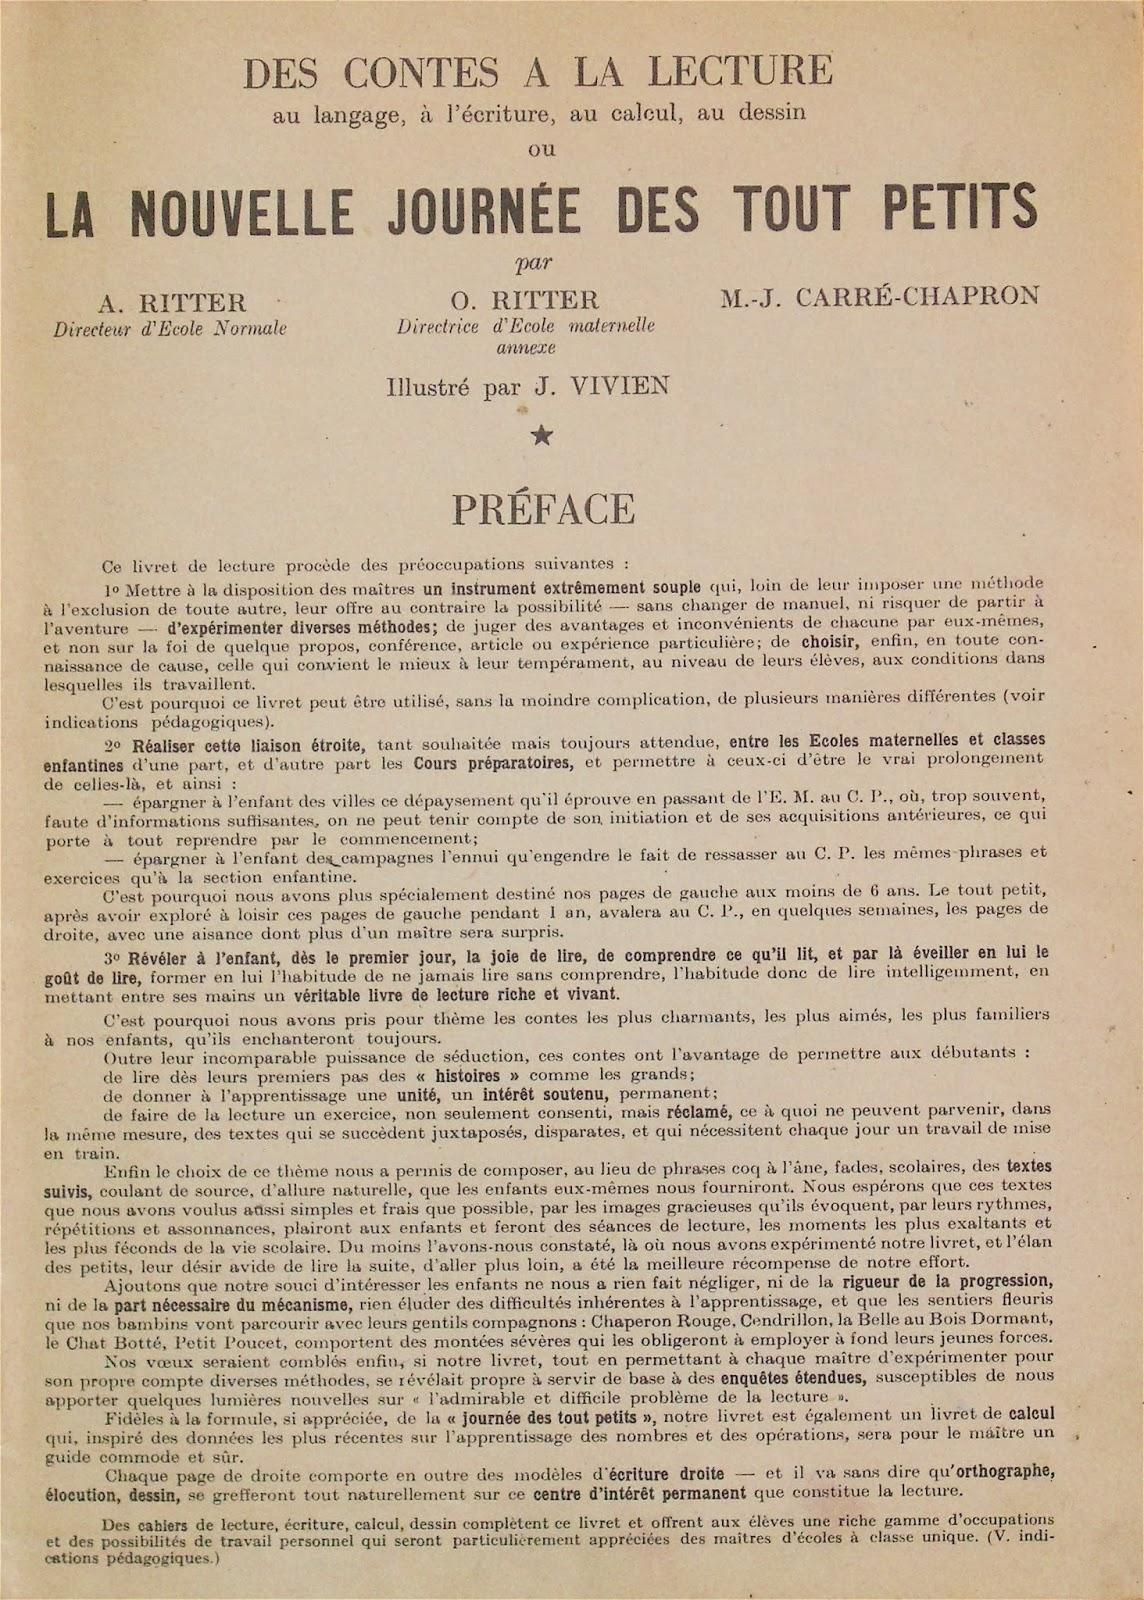 Les méthodes de lecture anciennes (1900-1980) Contes+lecture+pr%25C3%25A9face